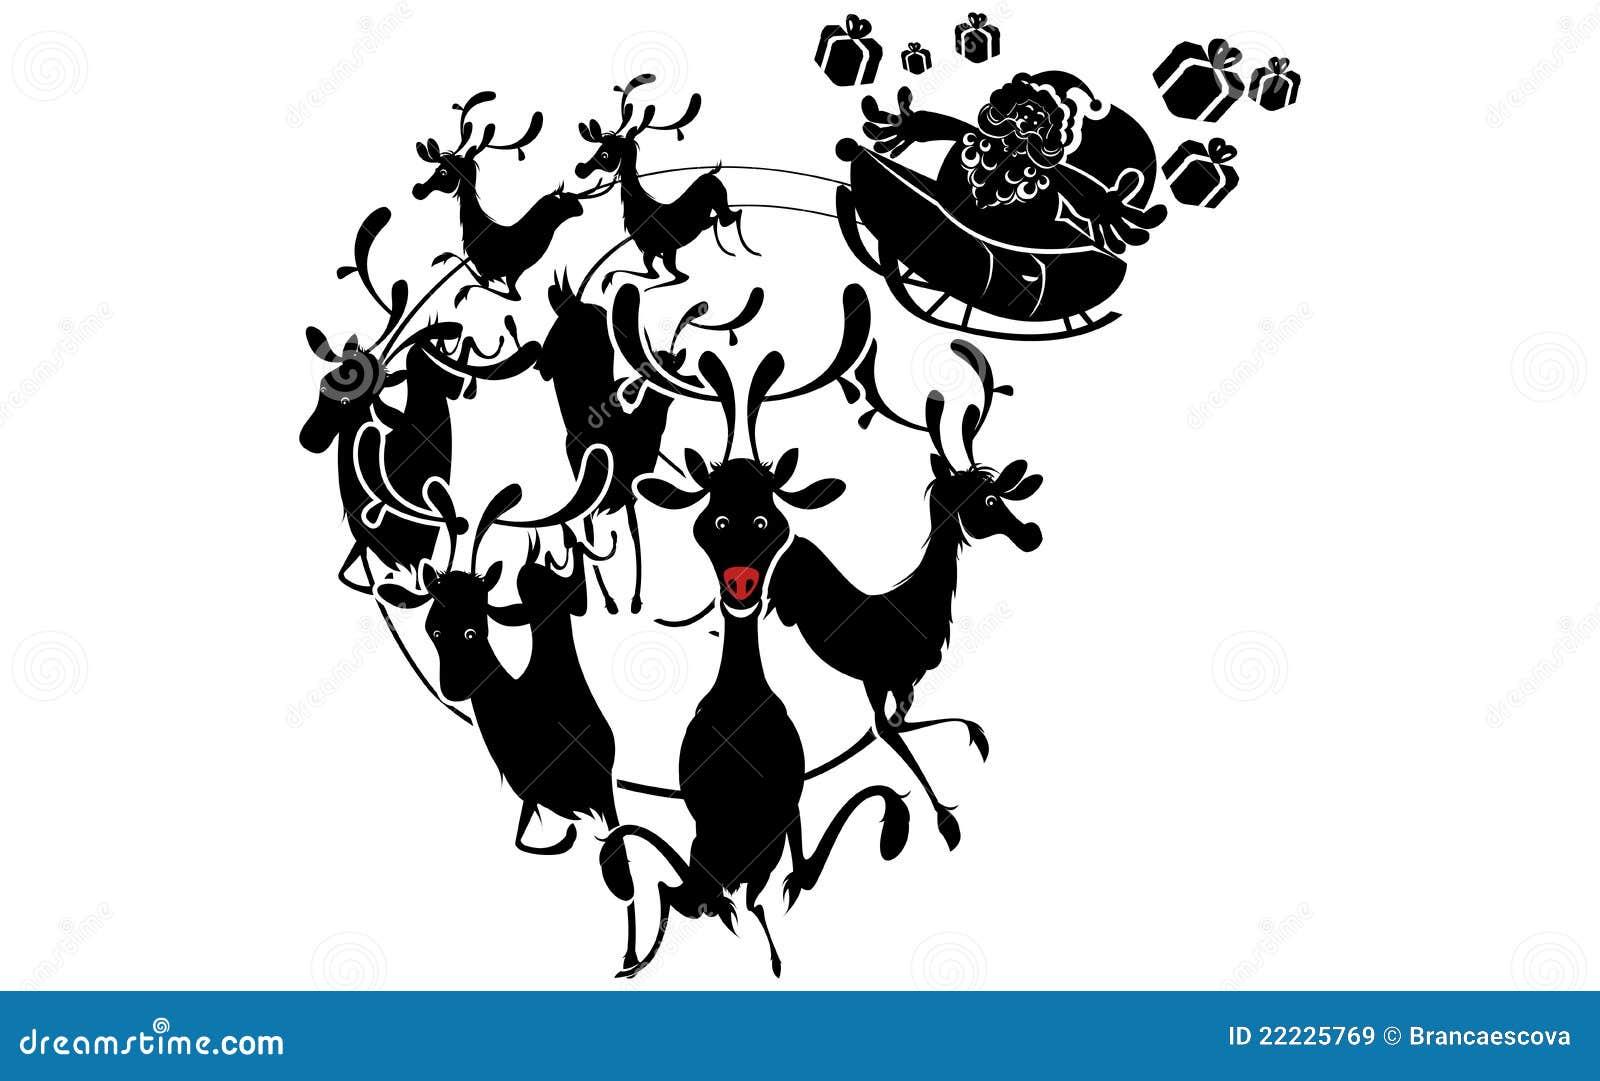 silhouette de renne et no l du p re no l images libres de droits image 22225769. Black Bedroom Furniture Sets. Home Design Ideas